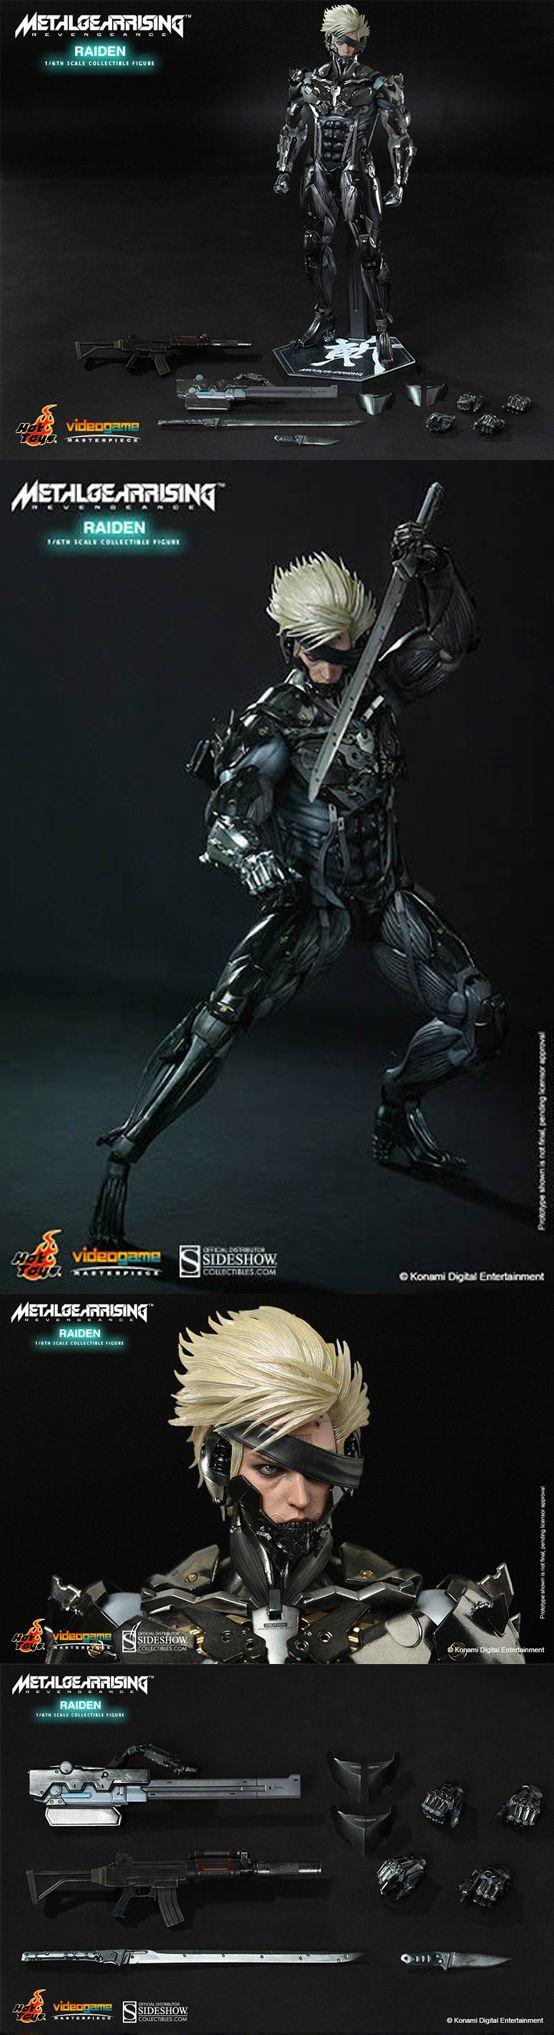 Figura de Metal Gear Rising - Metal Gear Rising Figure  #MetalGear #EdicionColeccionista #CollectorsEdition